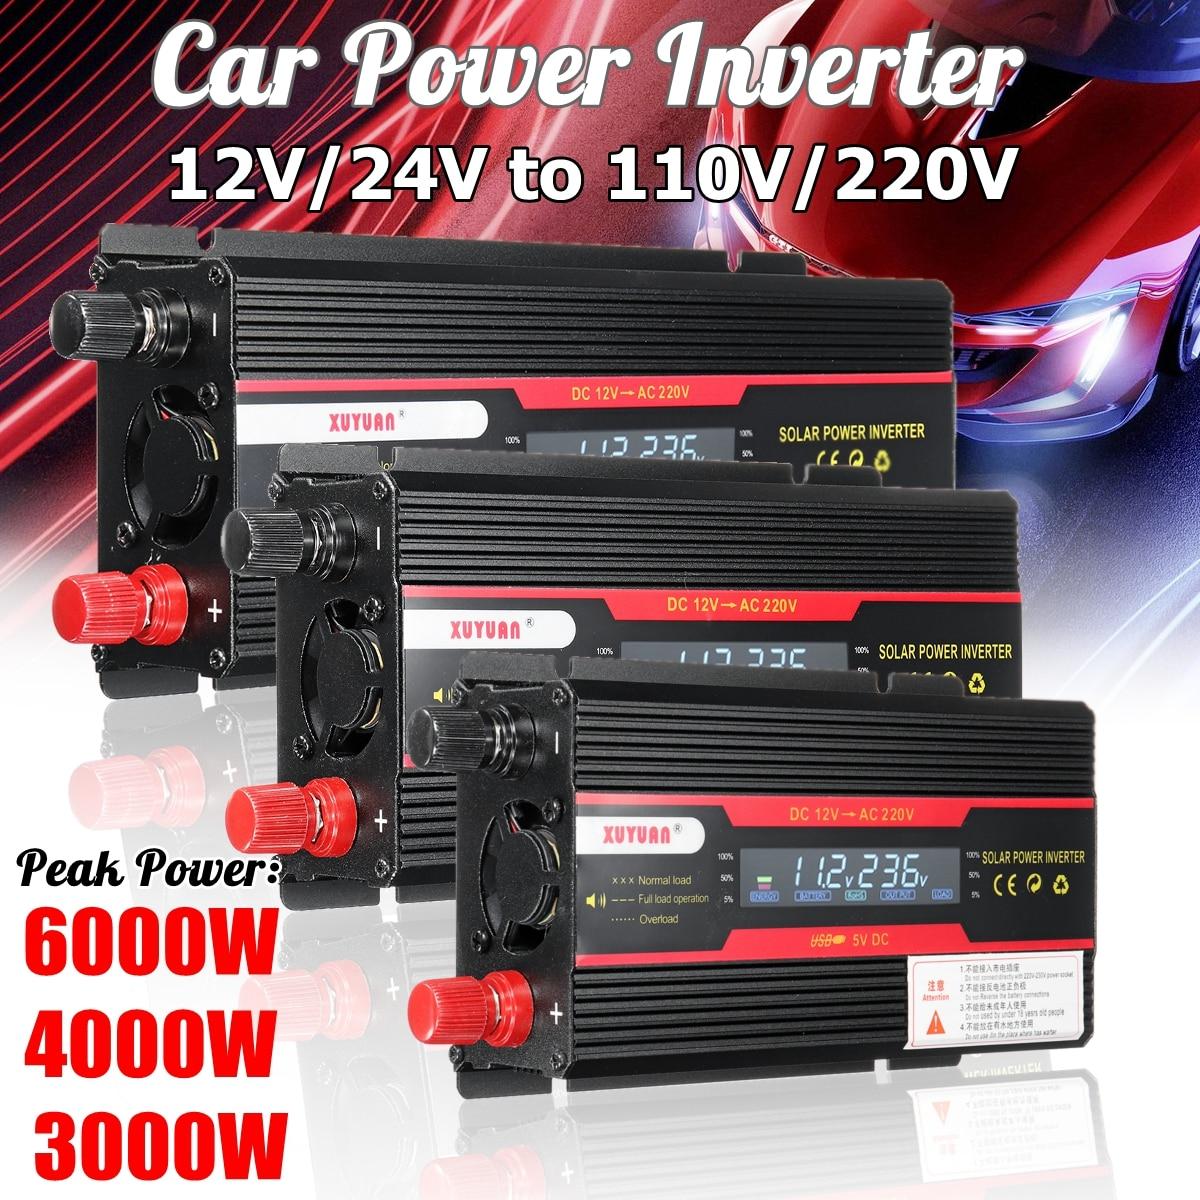 Inverter 12V 220V 3000W 4000W 6000W Spitzen Solar Power Spannung Konverter Transformator DC 12V AC 220V Solar Inverter + LCD Display